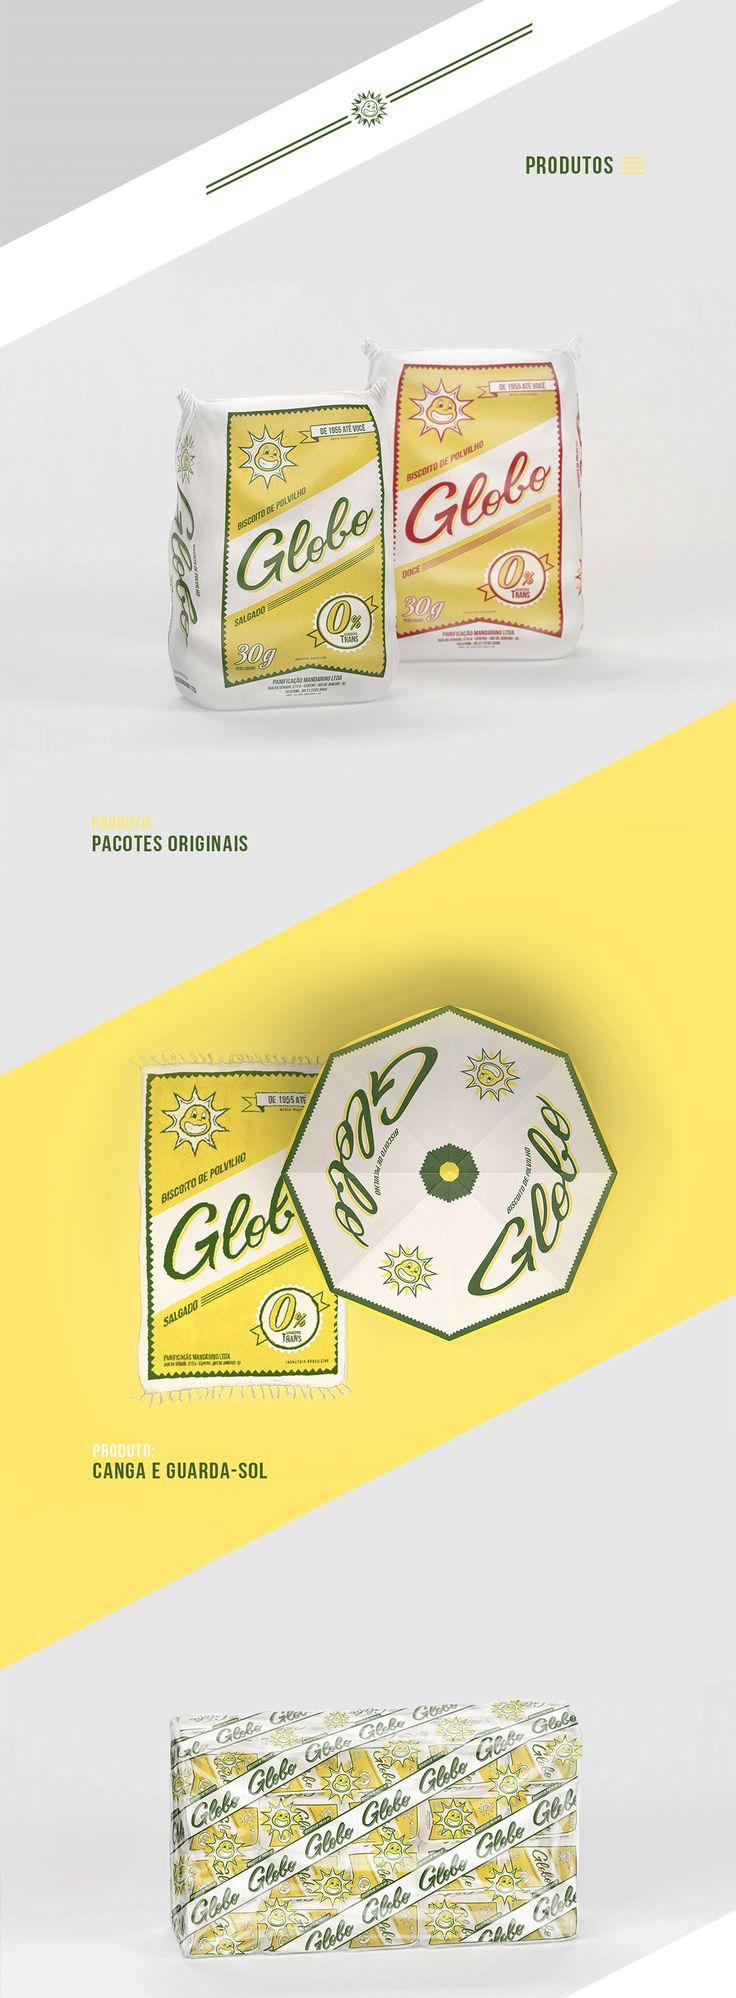 Olympic rings logo rio 2016 olympics logo designed by fred gelli - Dois Criativos Constru Ram Um Novo Design Para O Famoso Biscoito Globo